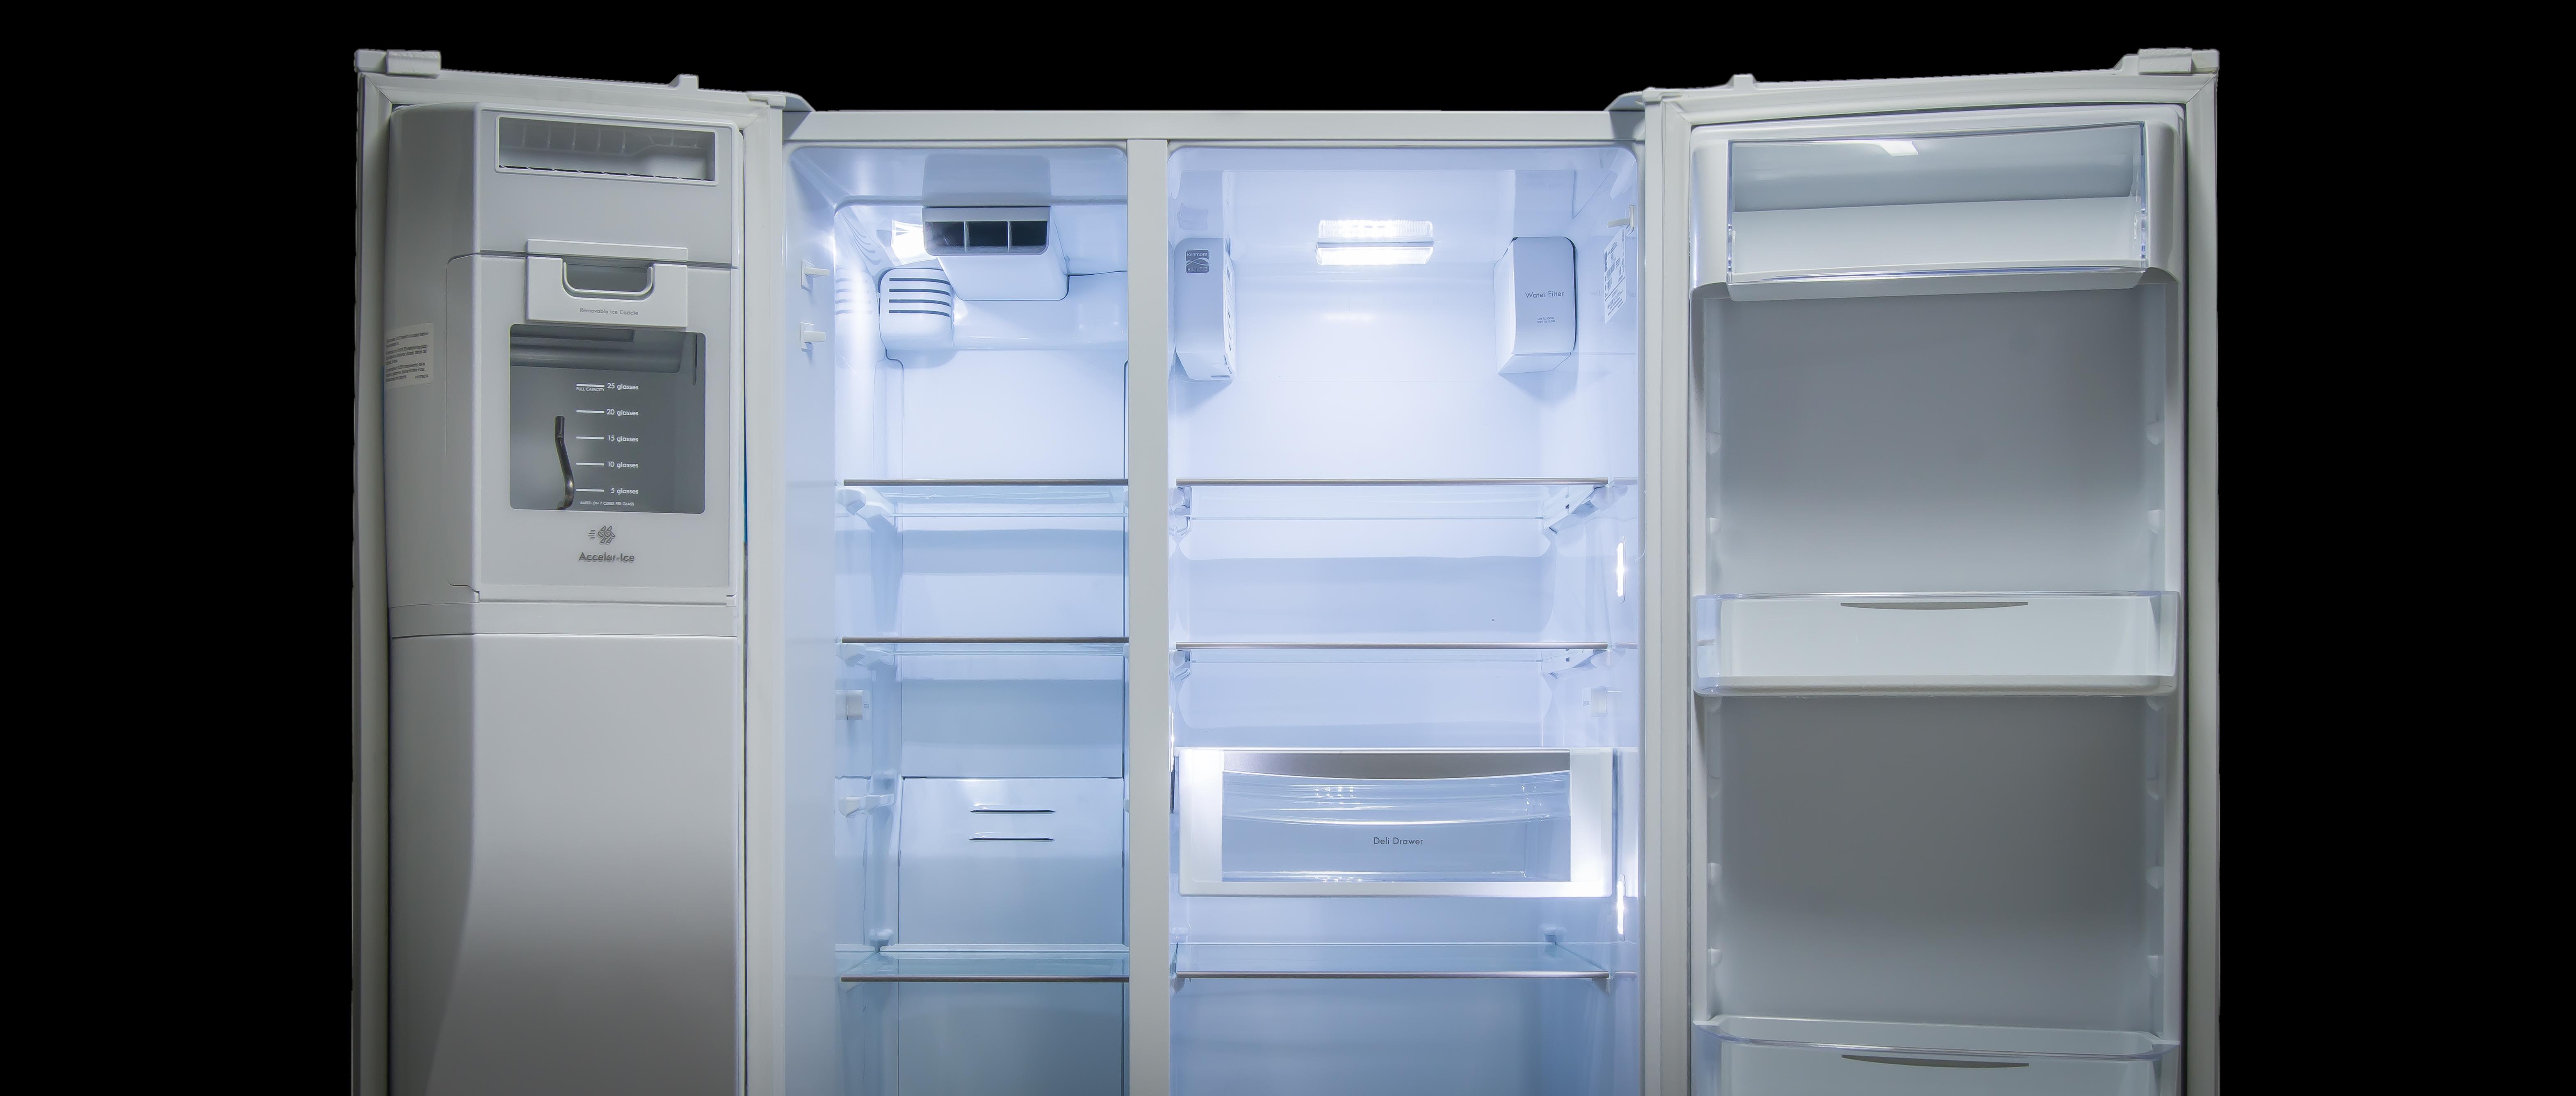 Kenmore Elite 51162 Refrigerator Review Reviewed Com